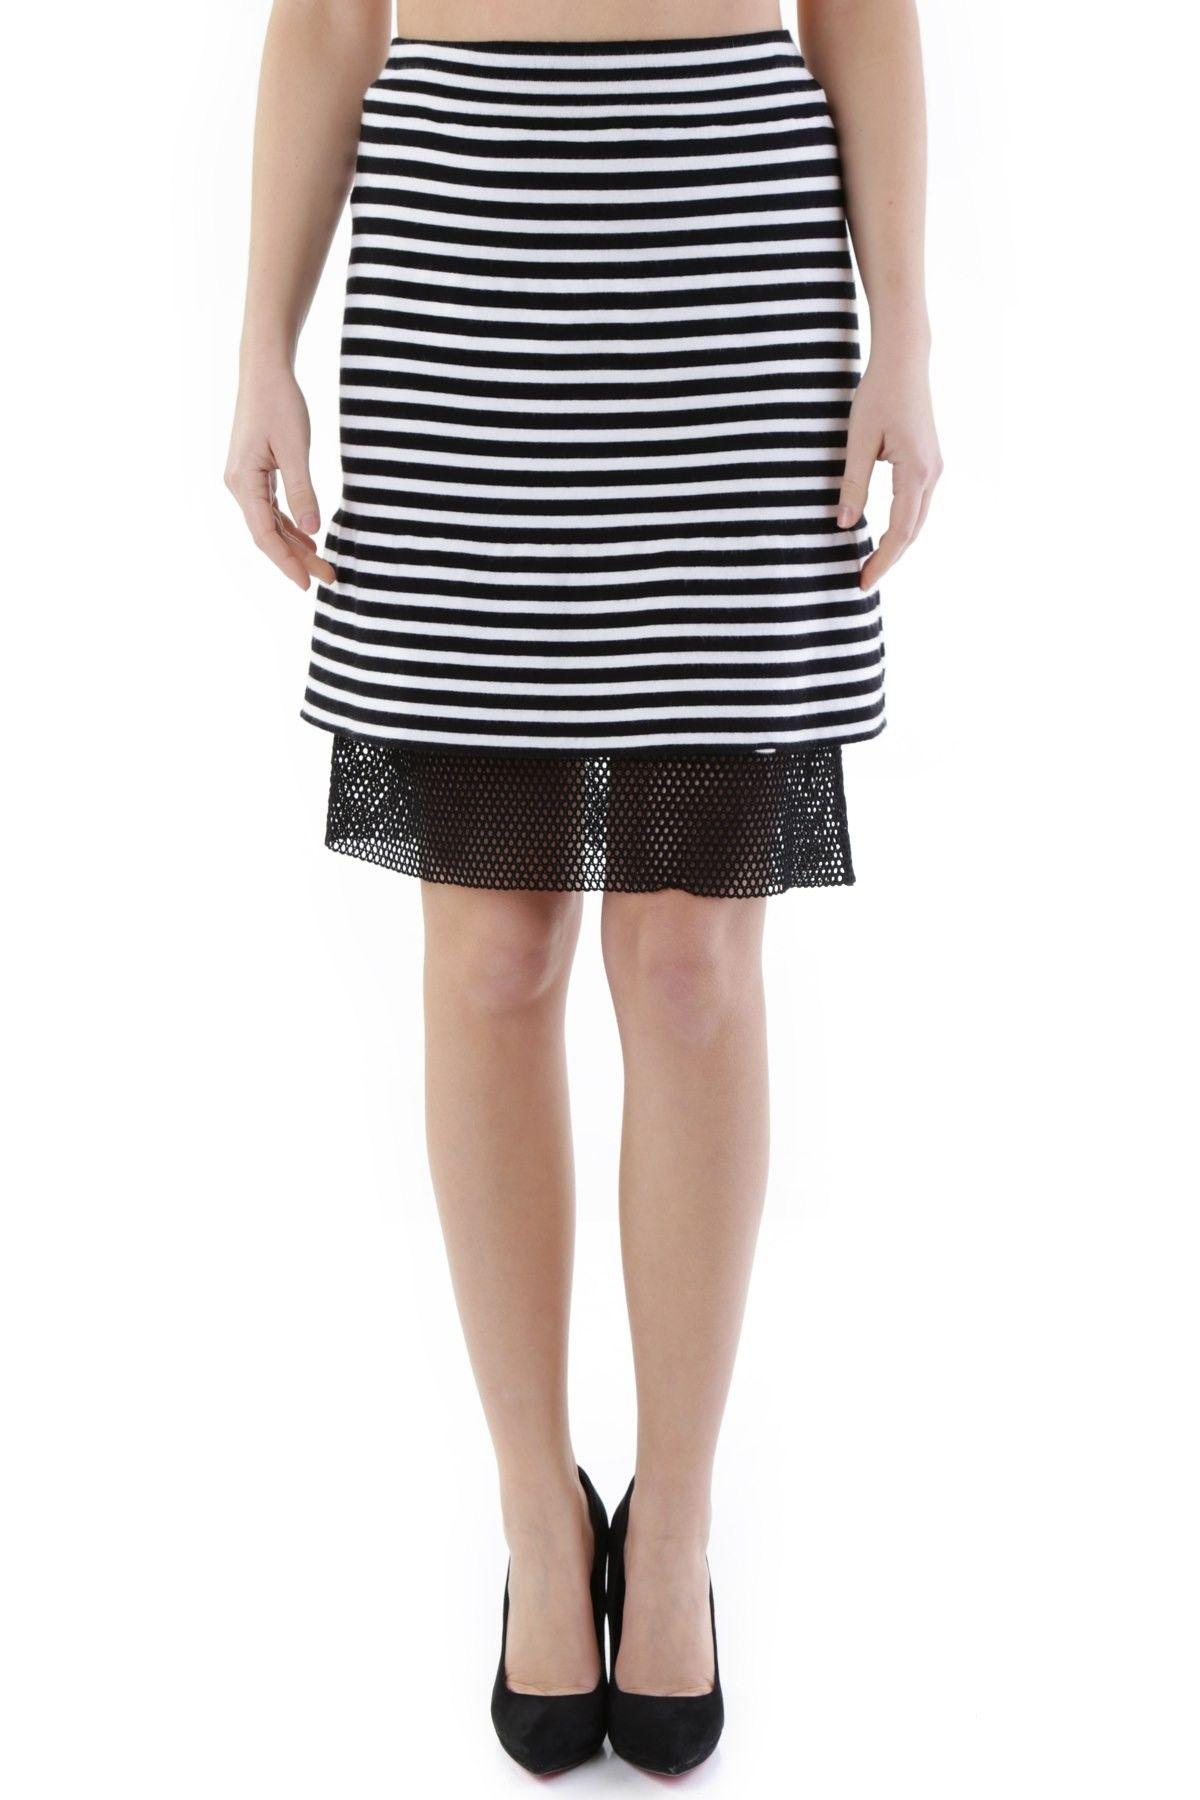 Olivia Hops Women's Skirt In White